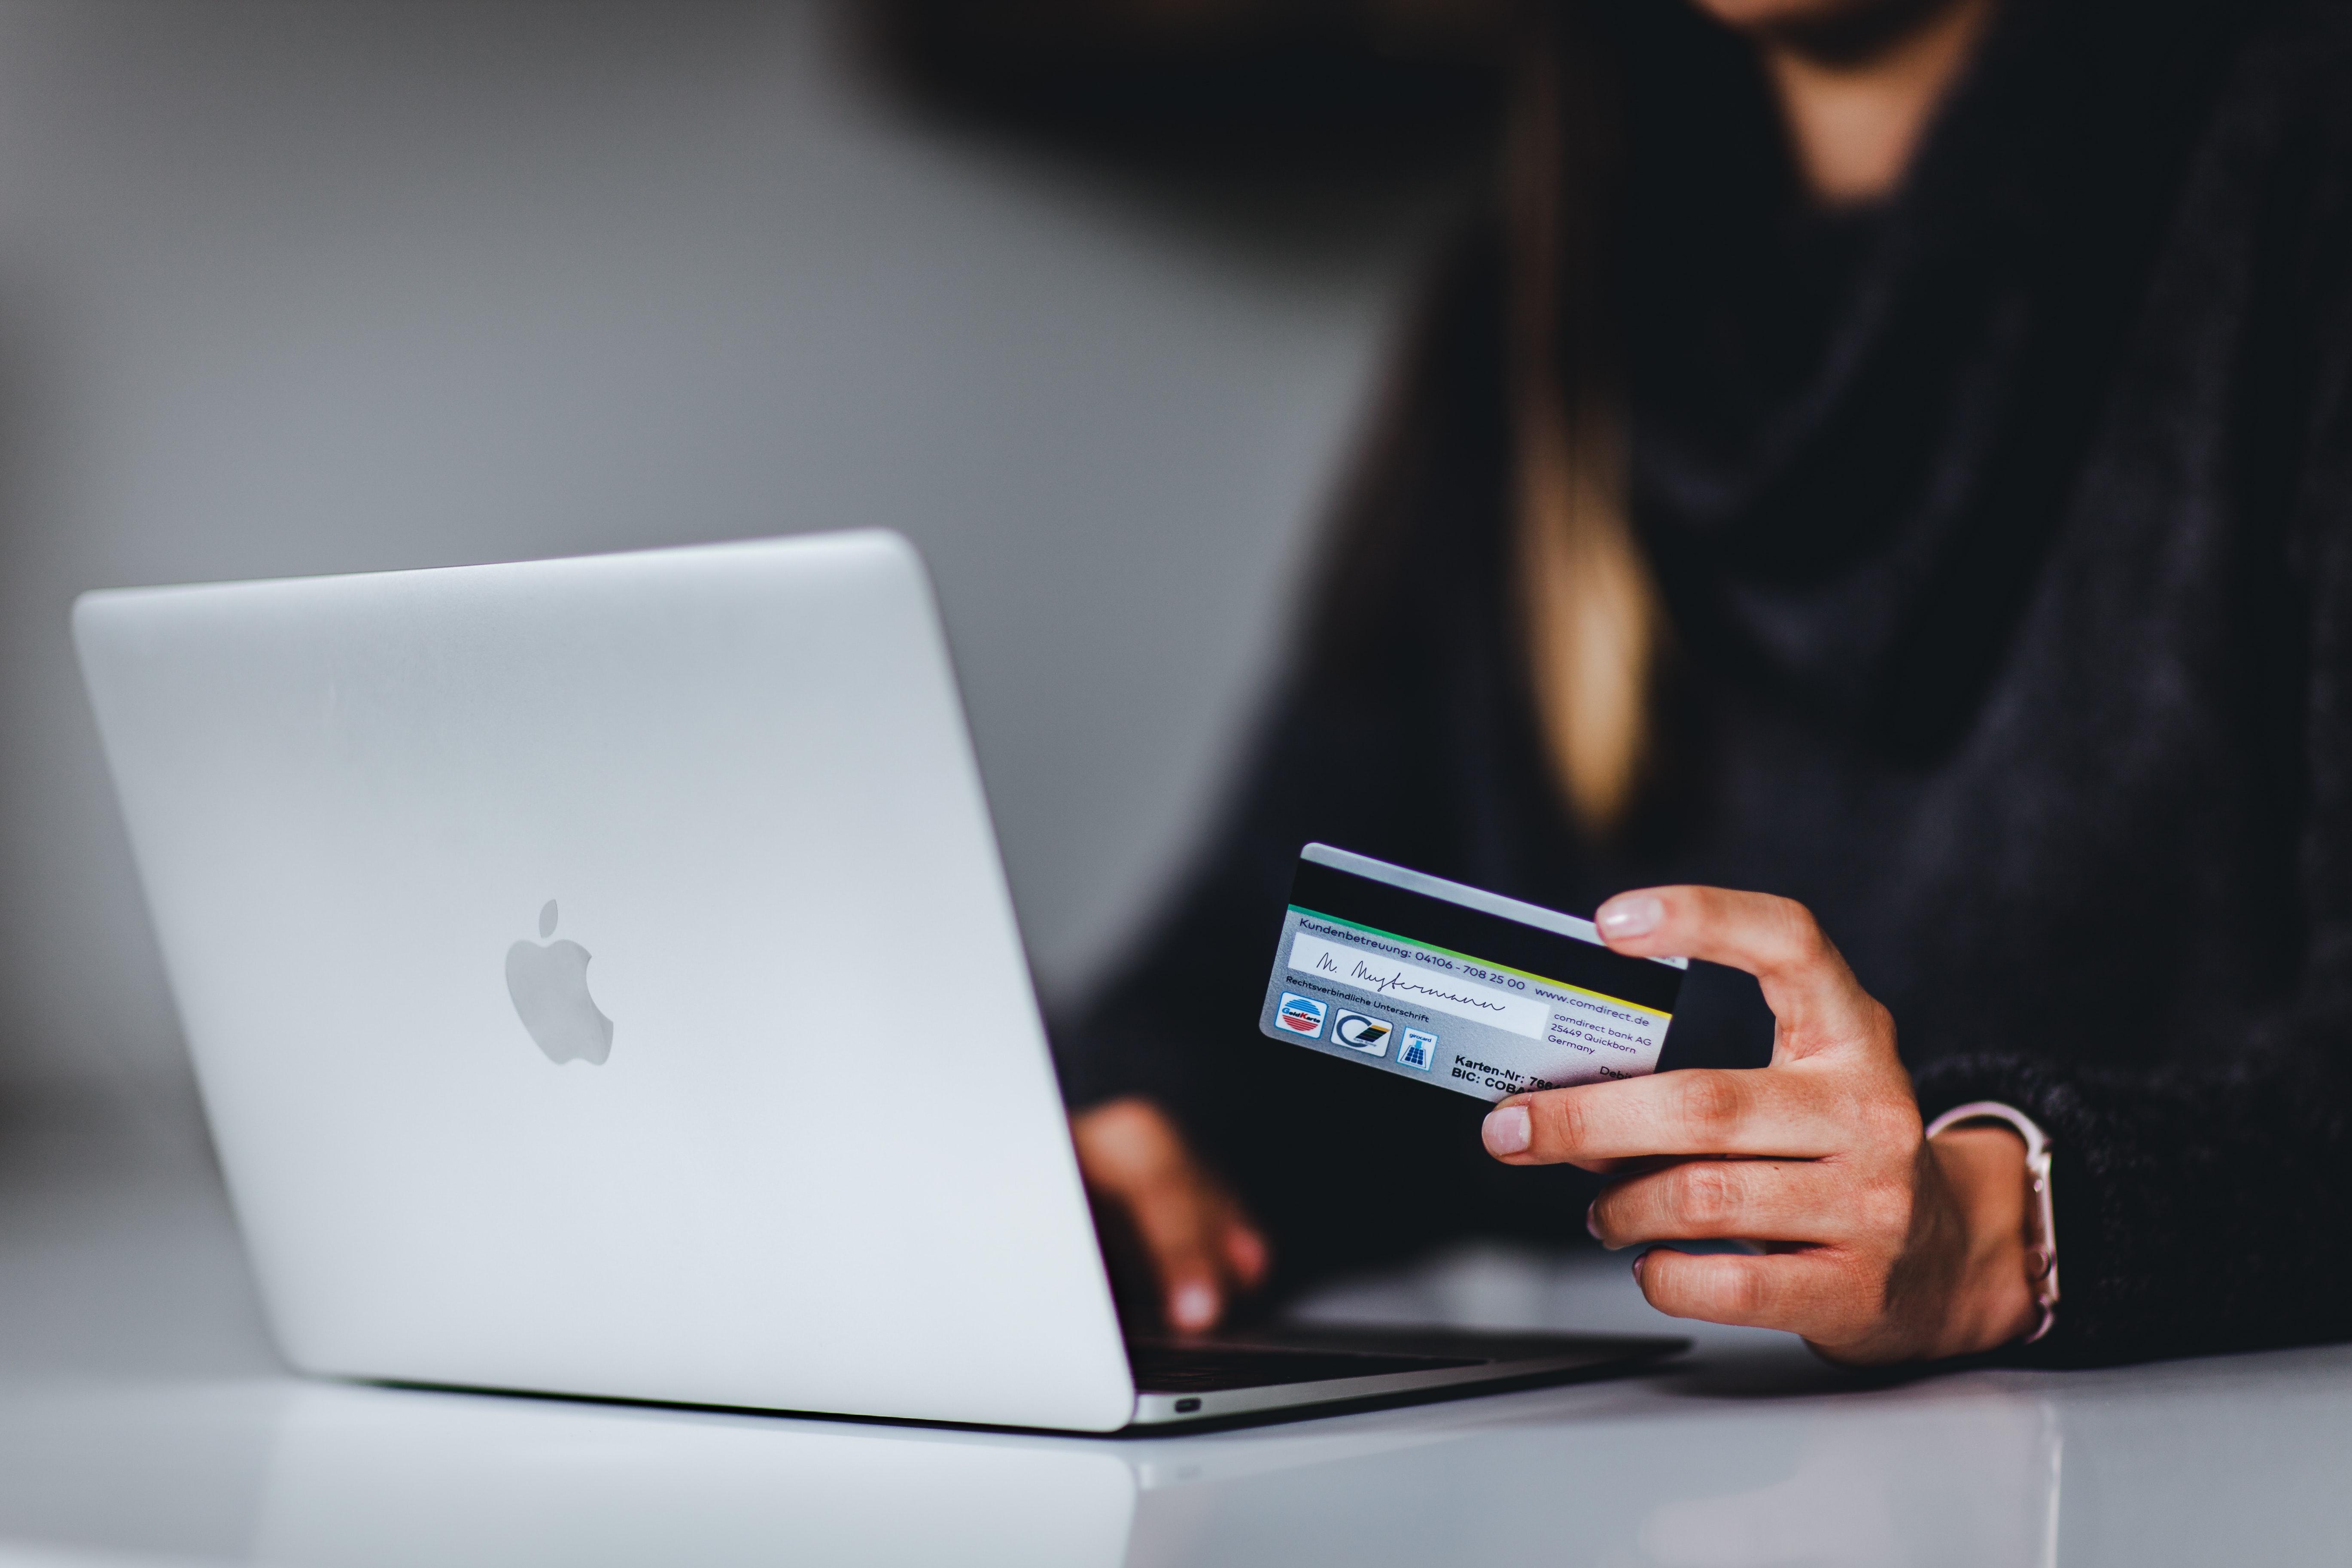 pembayaran online menggunakan payment gateway